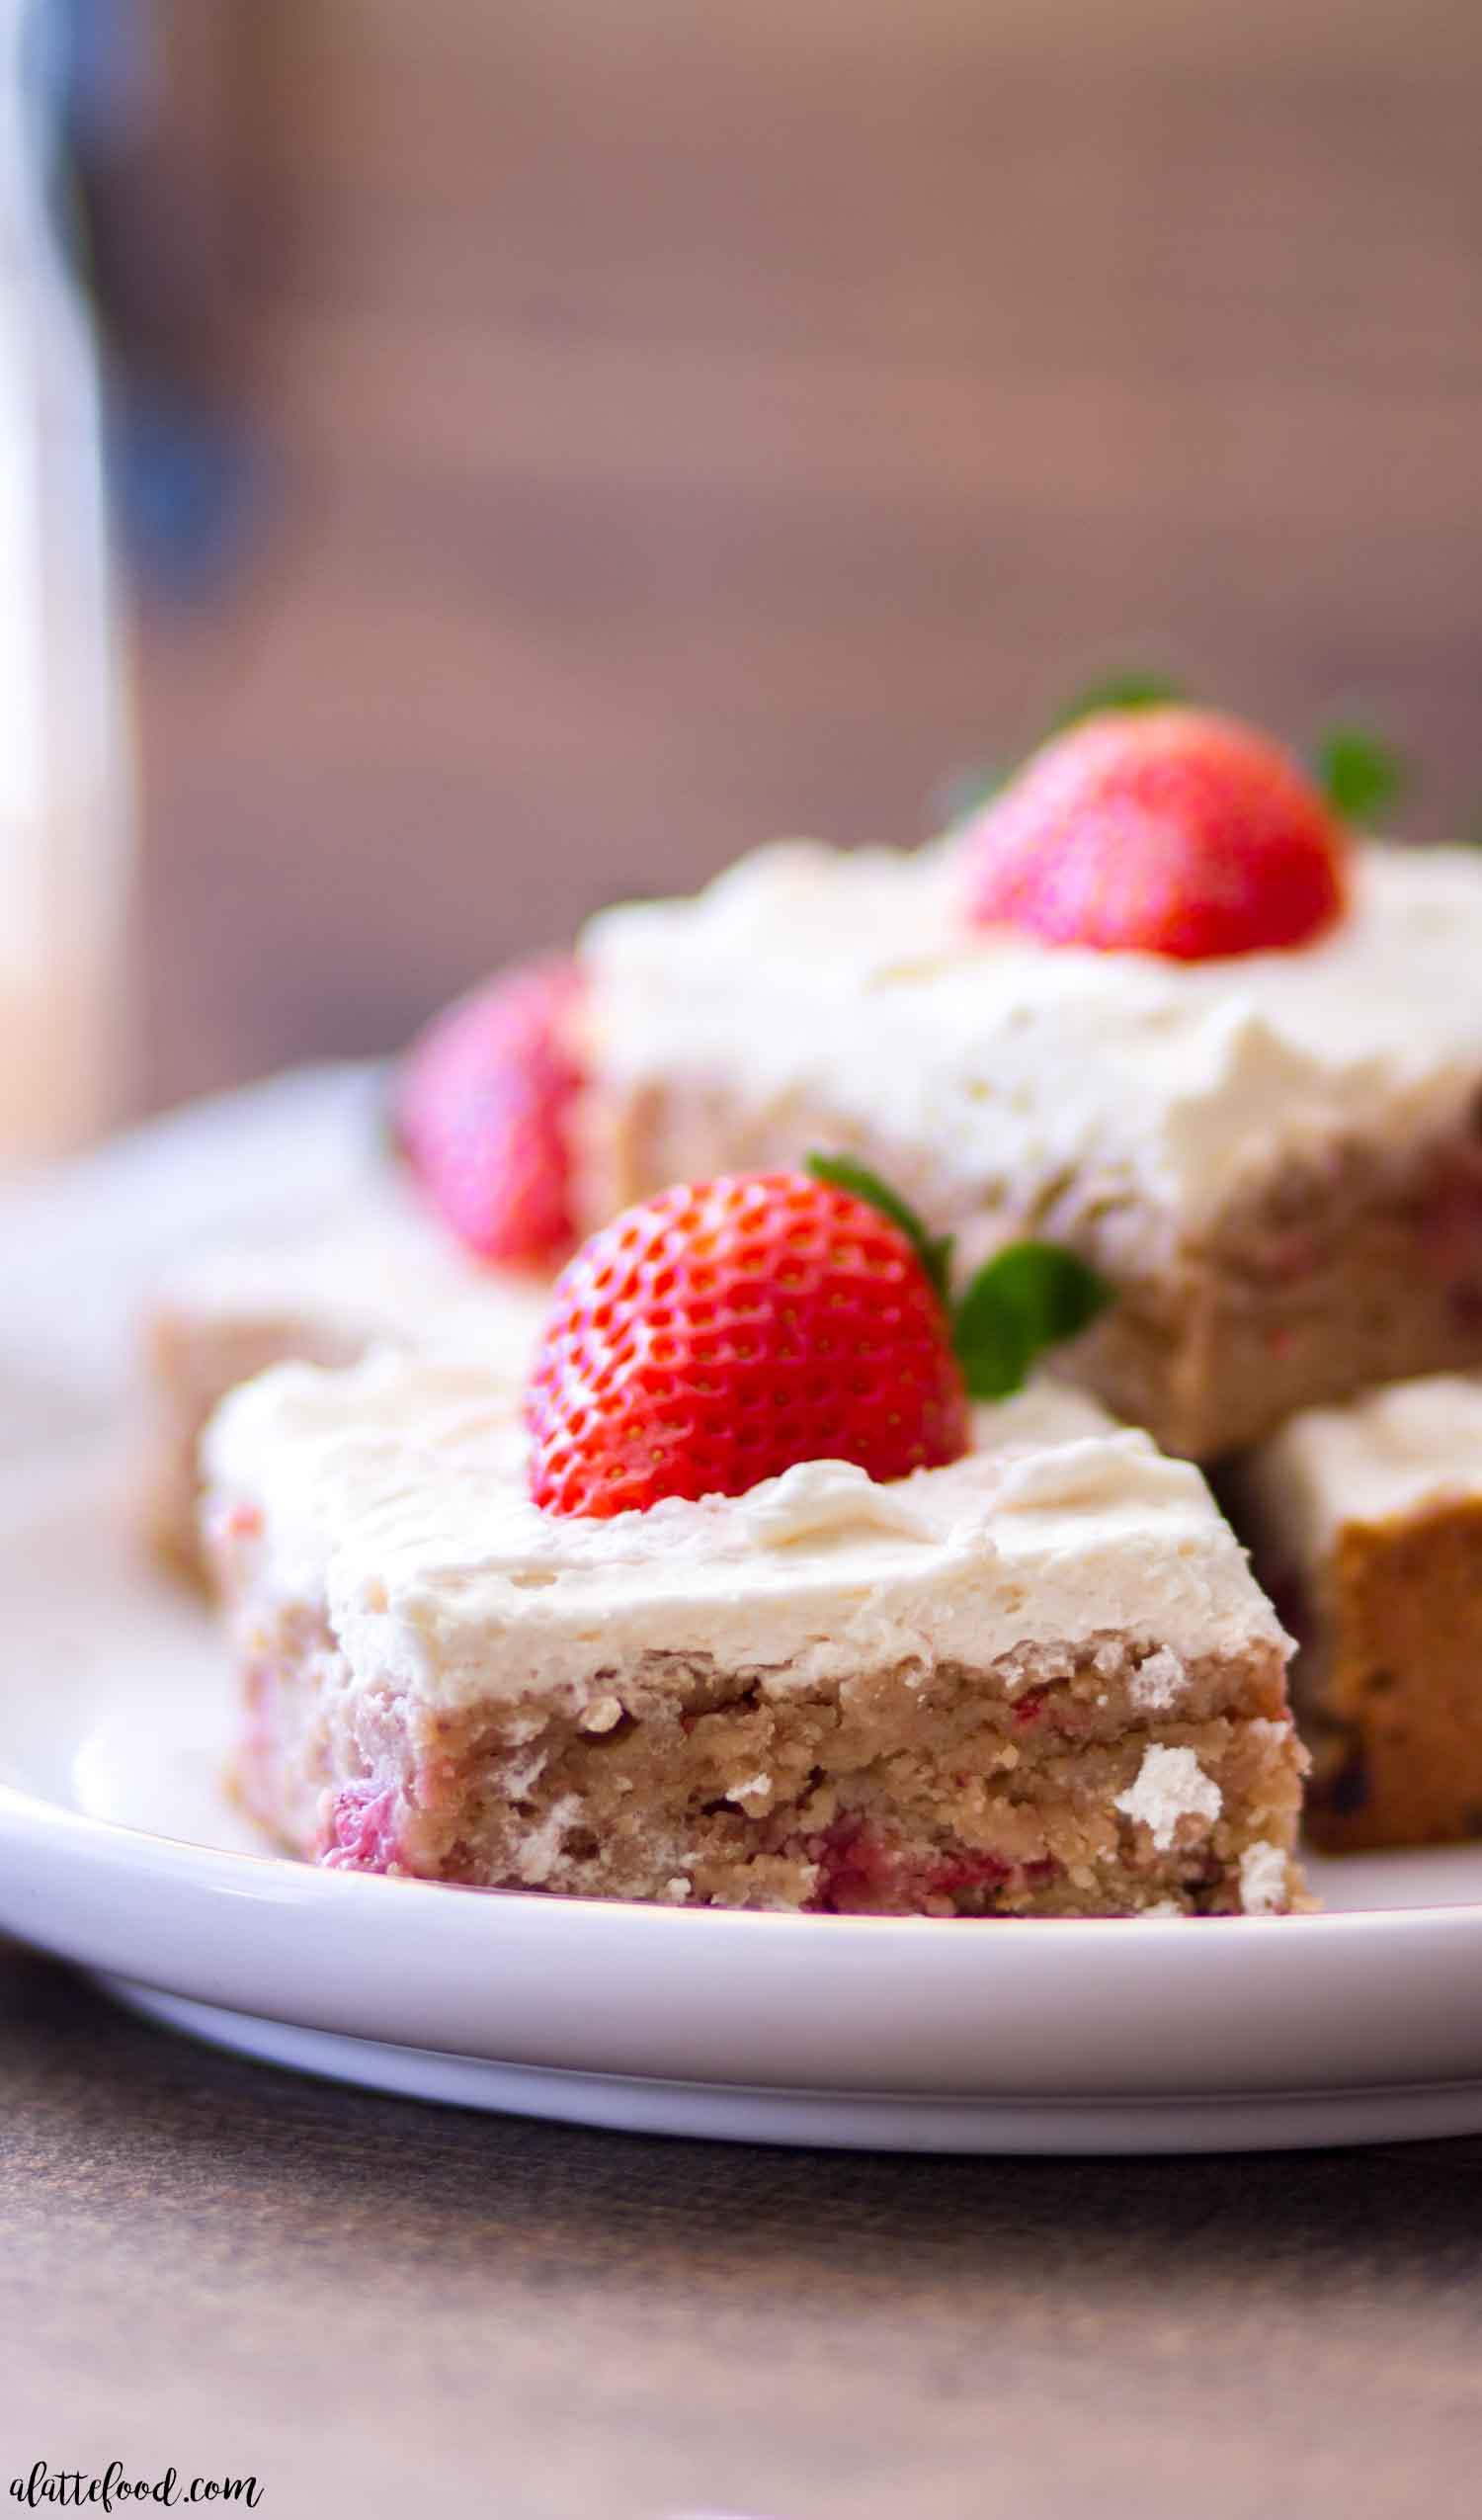 Berry-Licious Strawberry Lemon Cream Cheese Bars